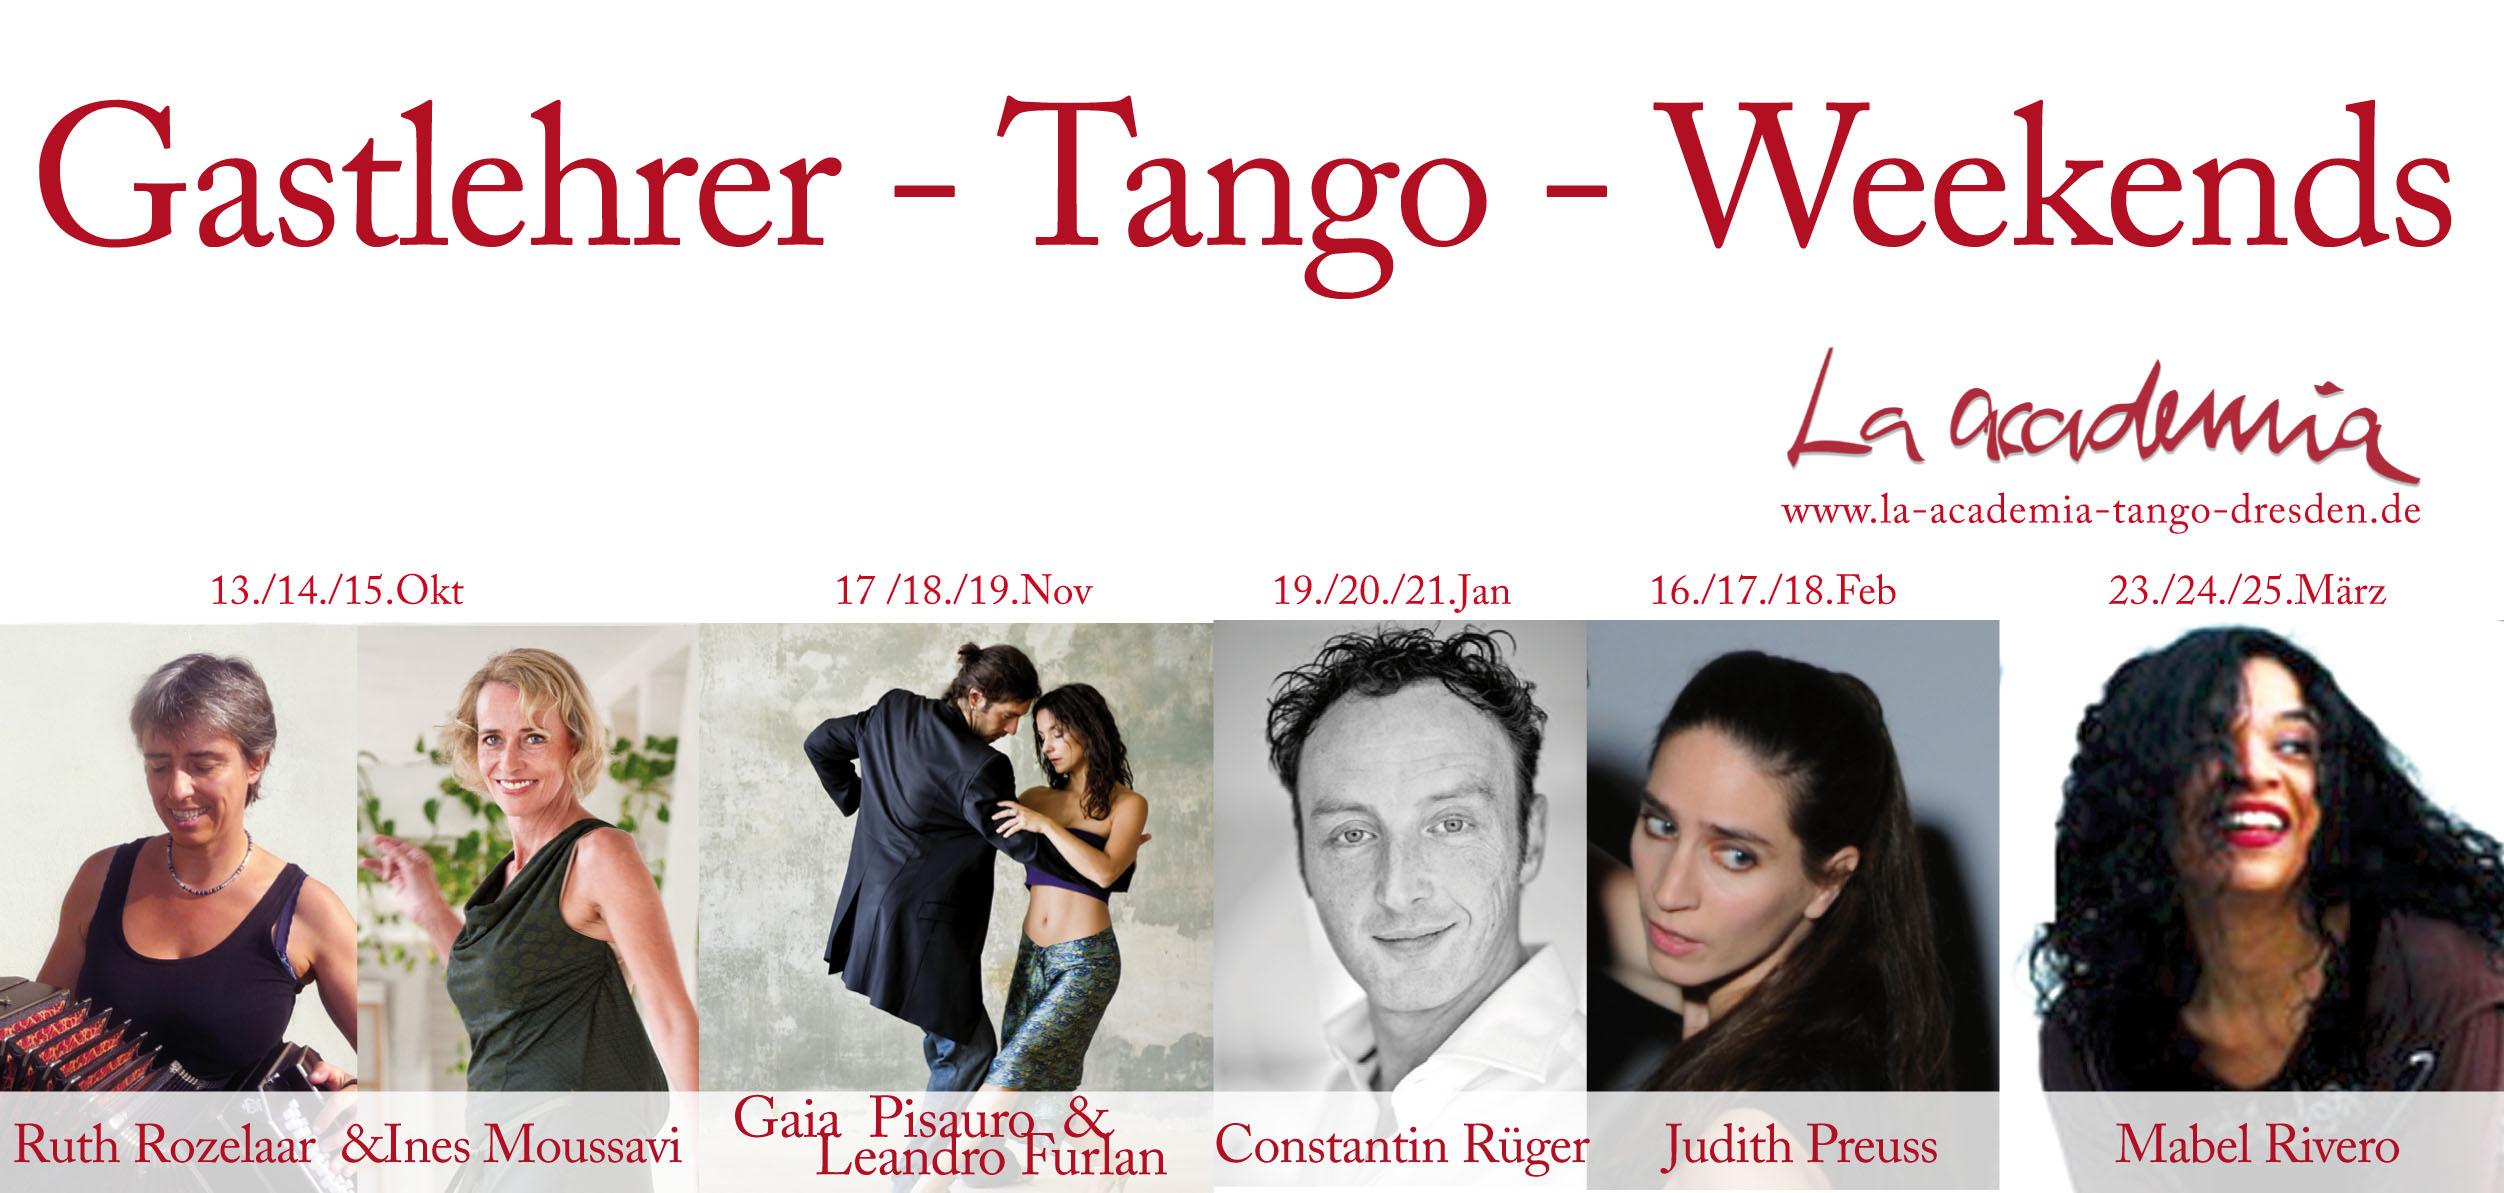 La academia Tango Dresden • Tango argentino Dresden • Kurse • Wechselkurs • Frauen führen Frauen • Double Role • Carsta und Alex Mock • Milonga • Tango Café • Gastlehrer • Tango Marathon • Tango argentino lernen und tanzen mit einem Lächeln